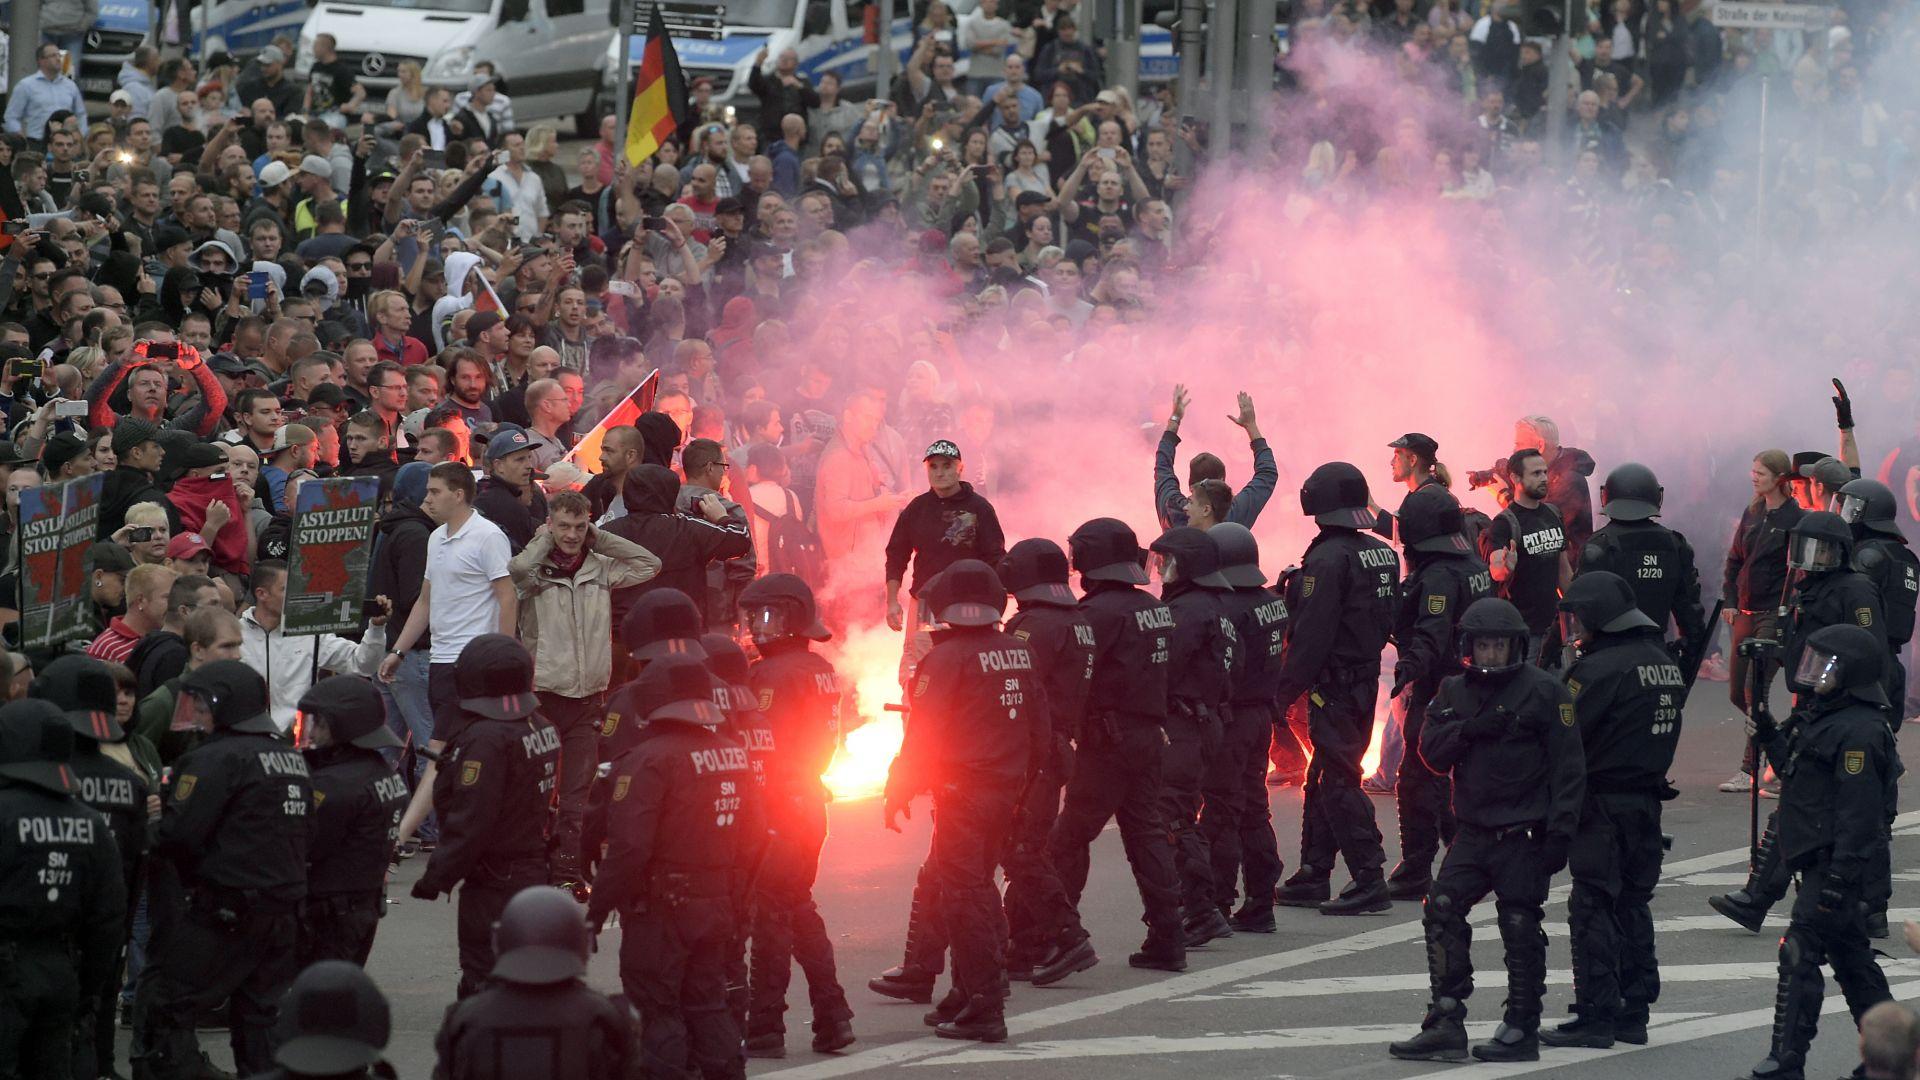 Българин заплашван по време на безредиците в Кемниц